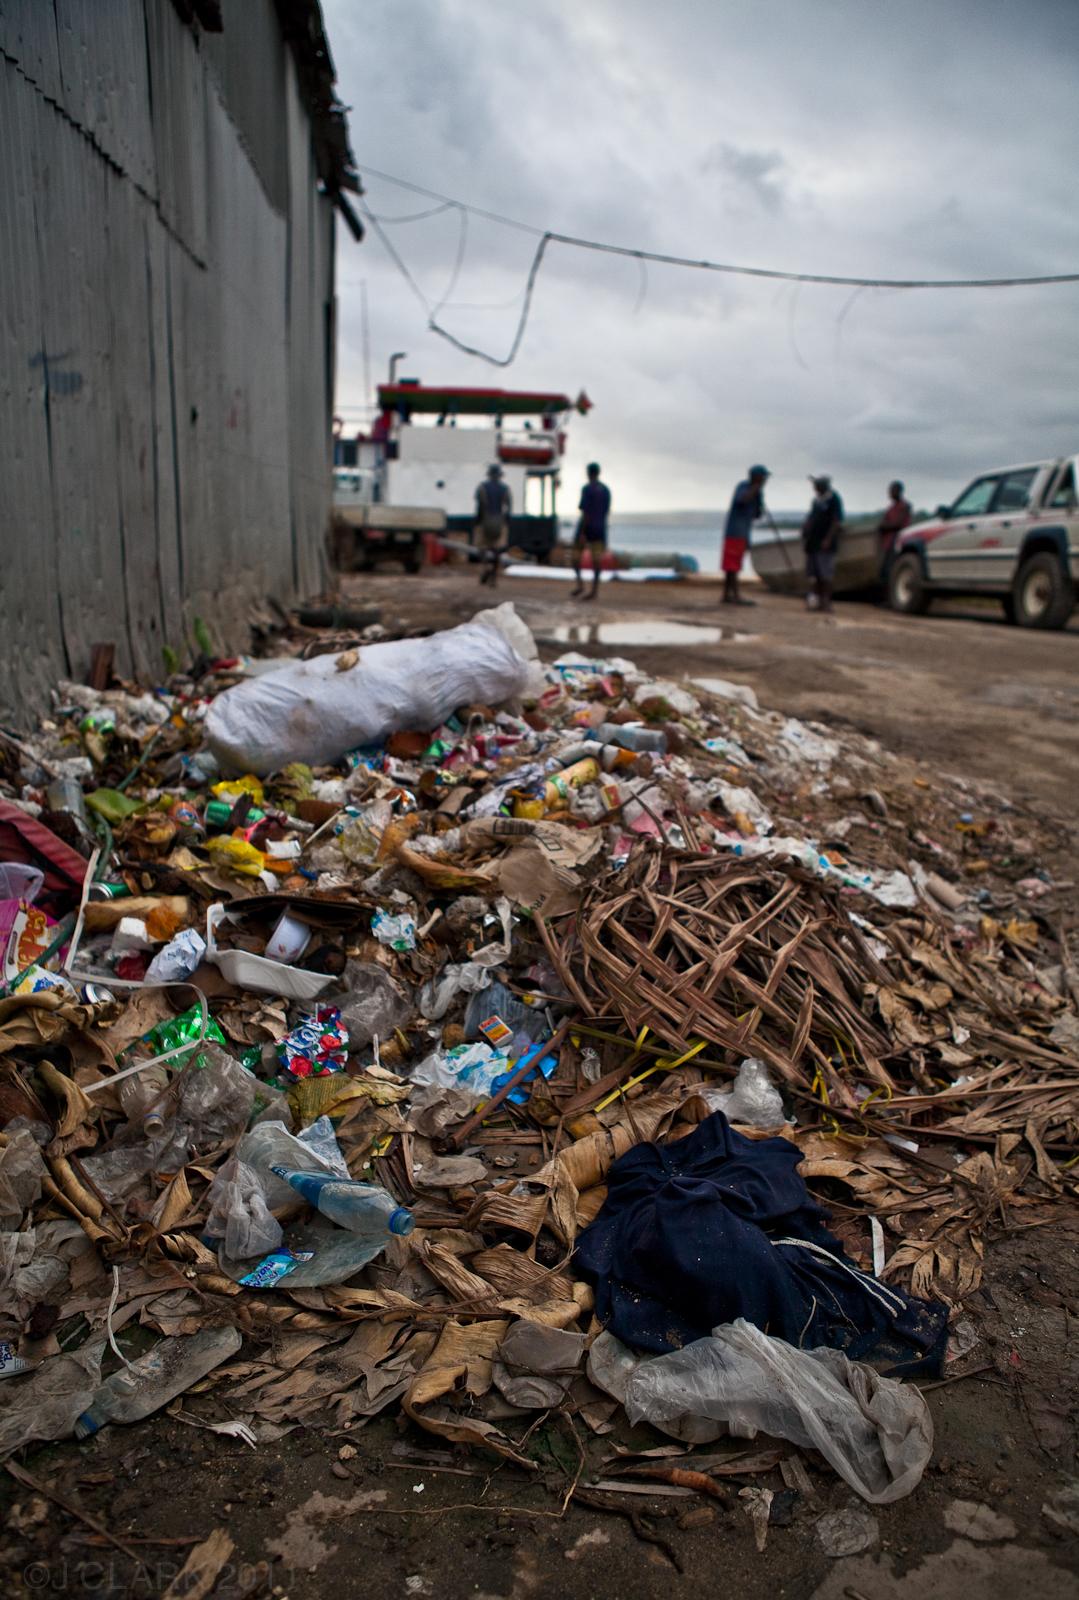 TRASH IN PORT VILA, VANUATU